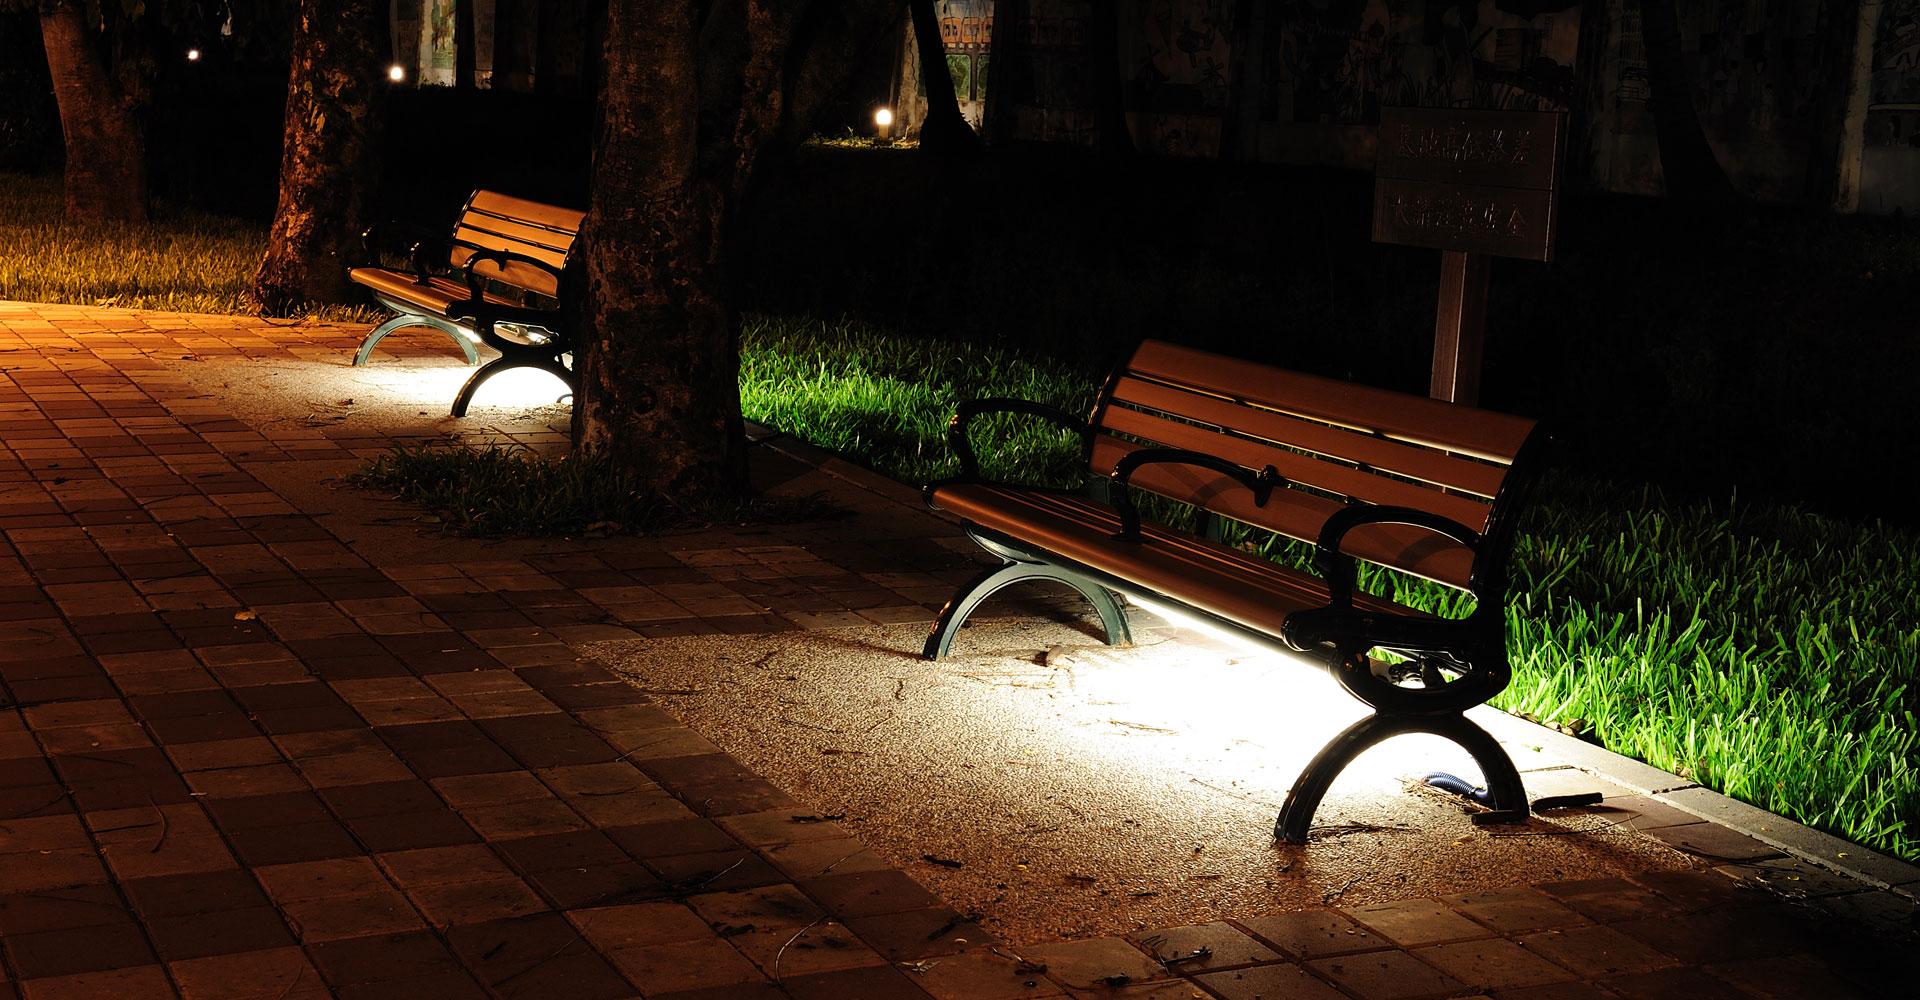 桌燈 led燈泡 燈飾 檯燈 小夜燈, 點亮溫馨的家 - IKEA圖